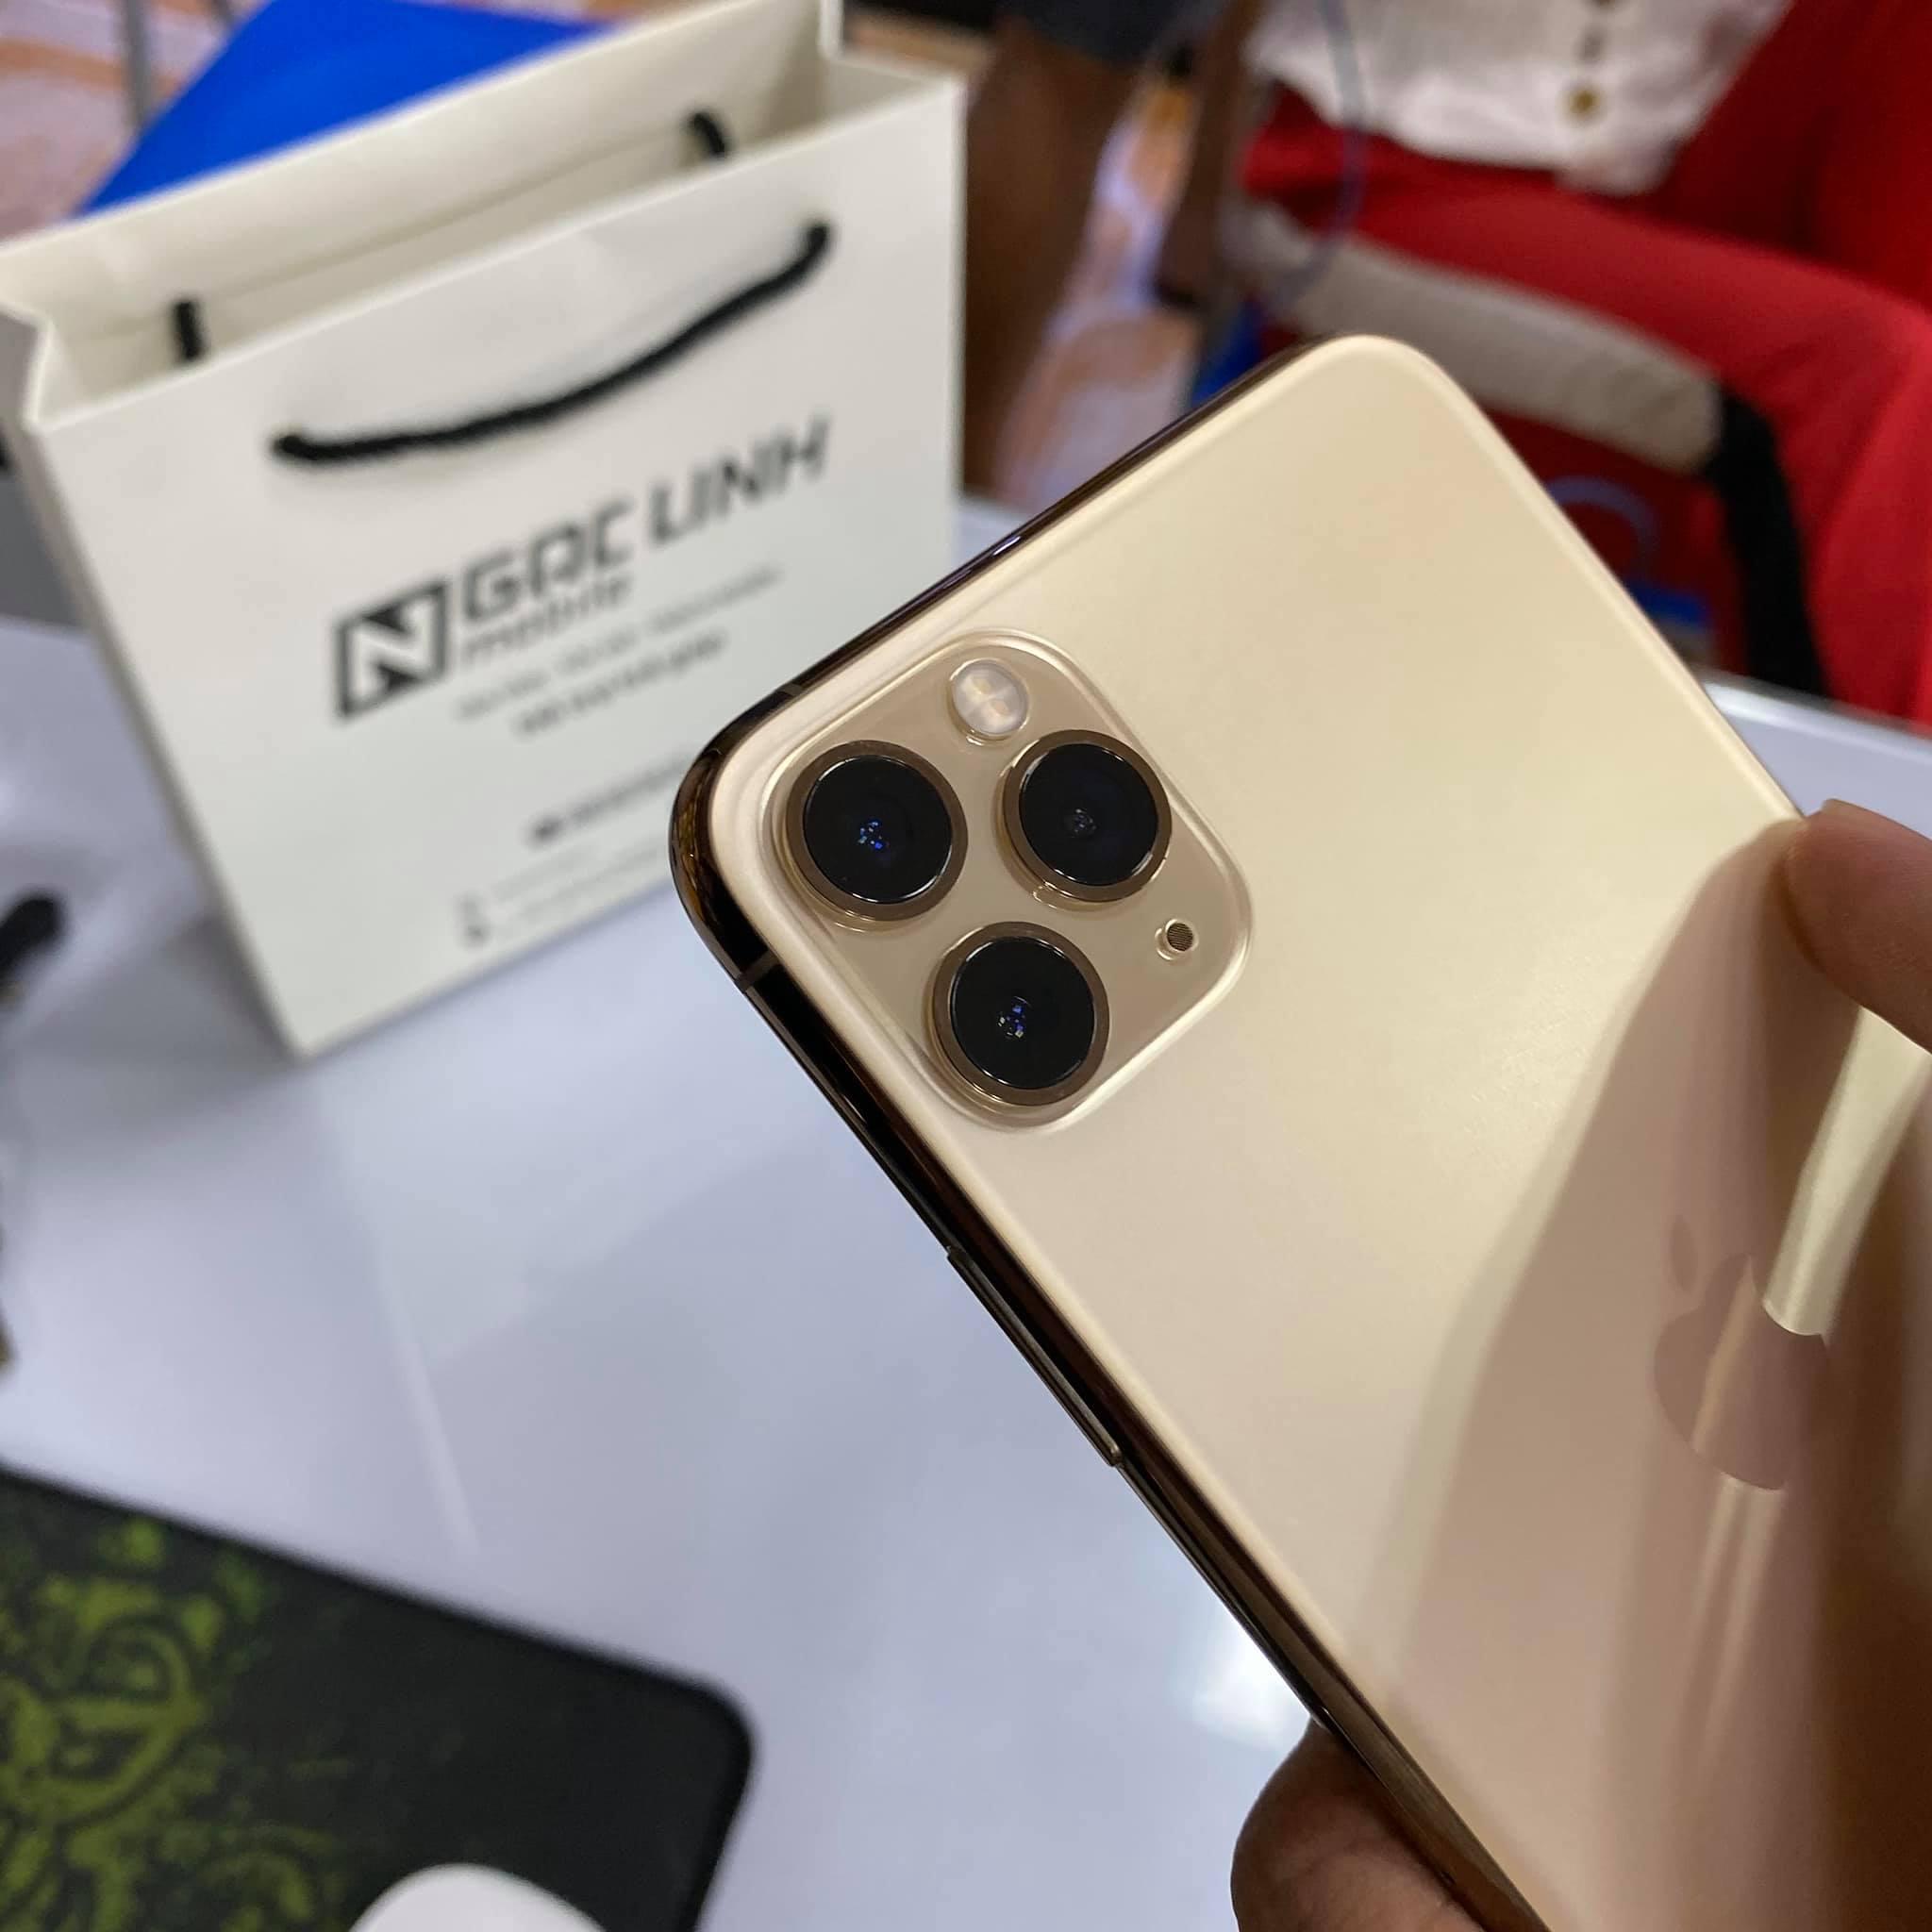 iPhone 11 Pro Max lock iPhone 11 Pro Max lock - Có nên mua iPhone 11 Pro Max lock không?